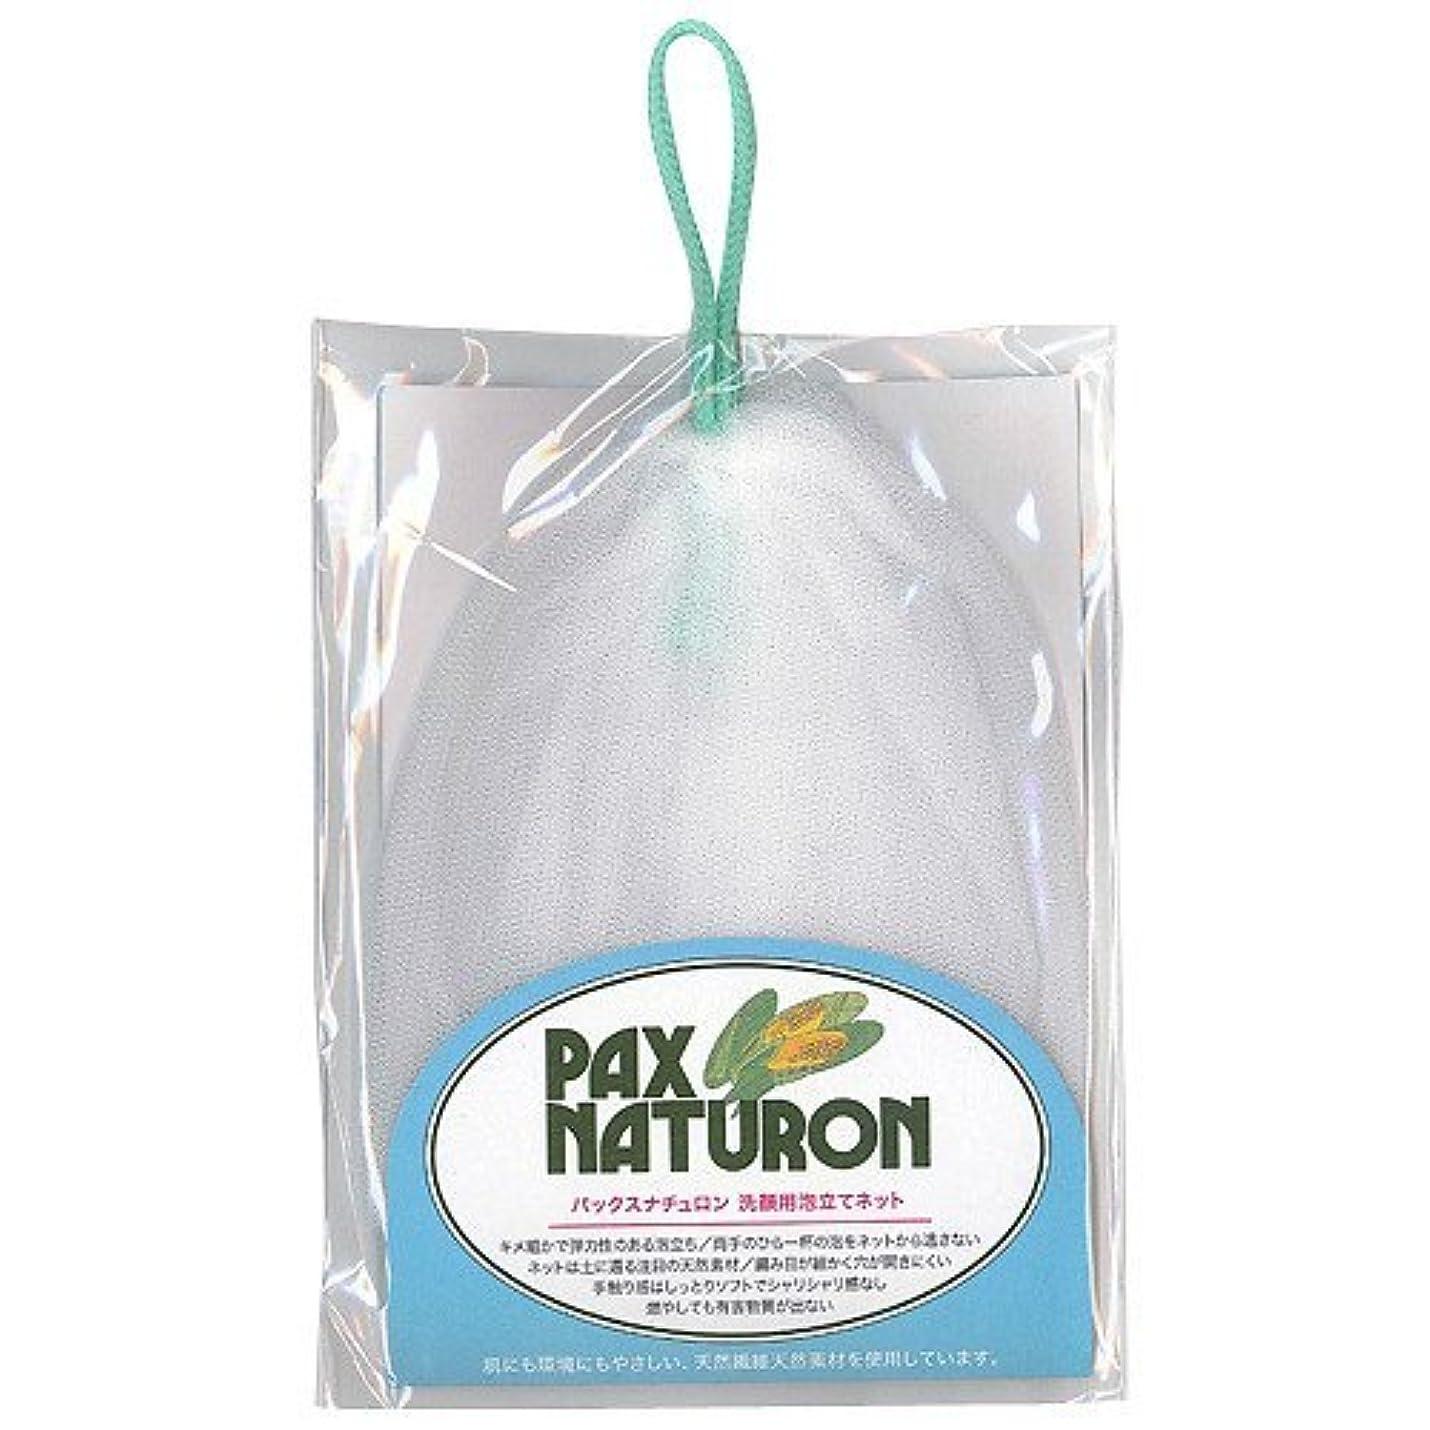 太陽油脂 パックスナチュロン 洗顔用泡立てネット